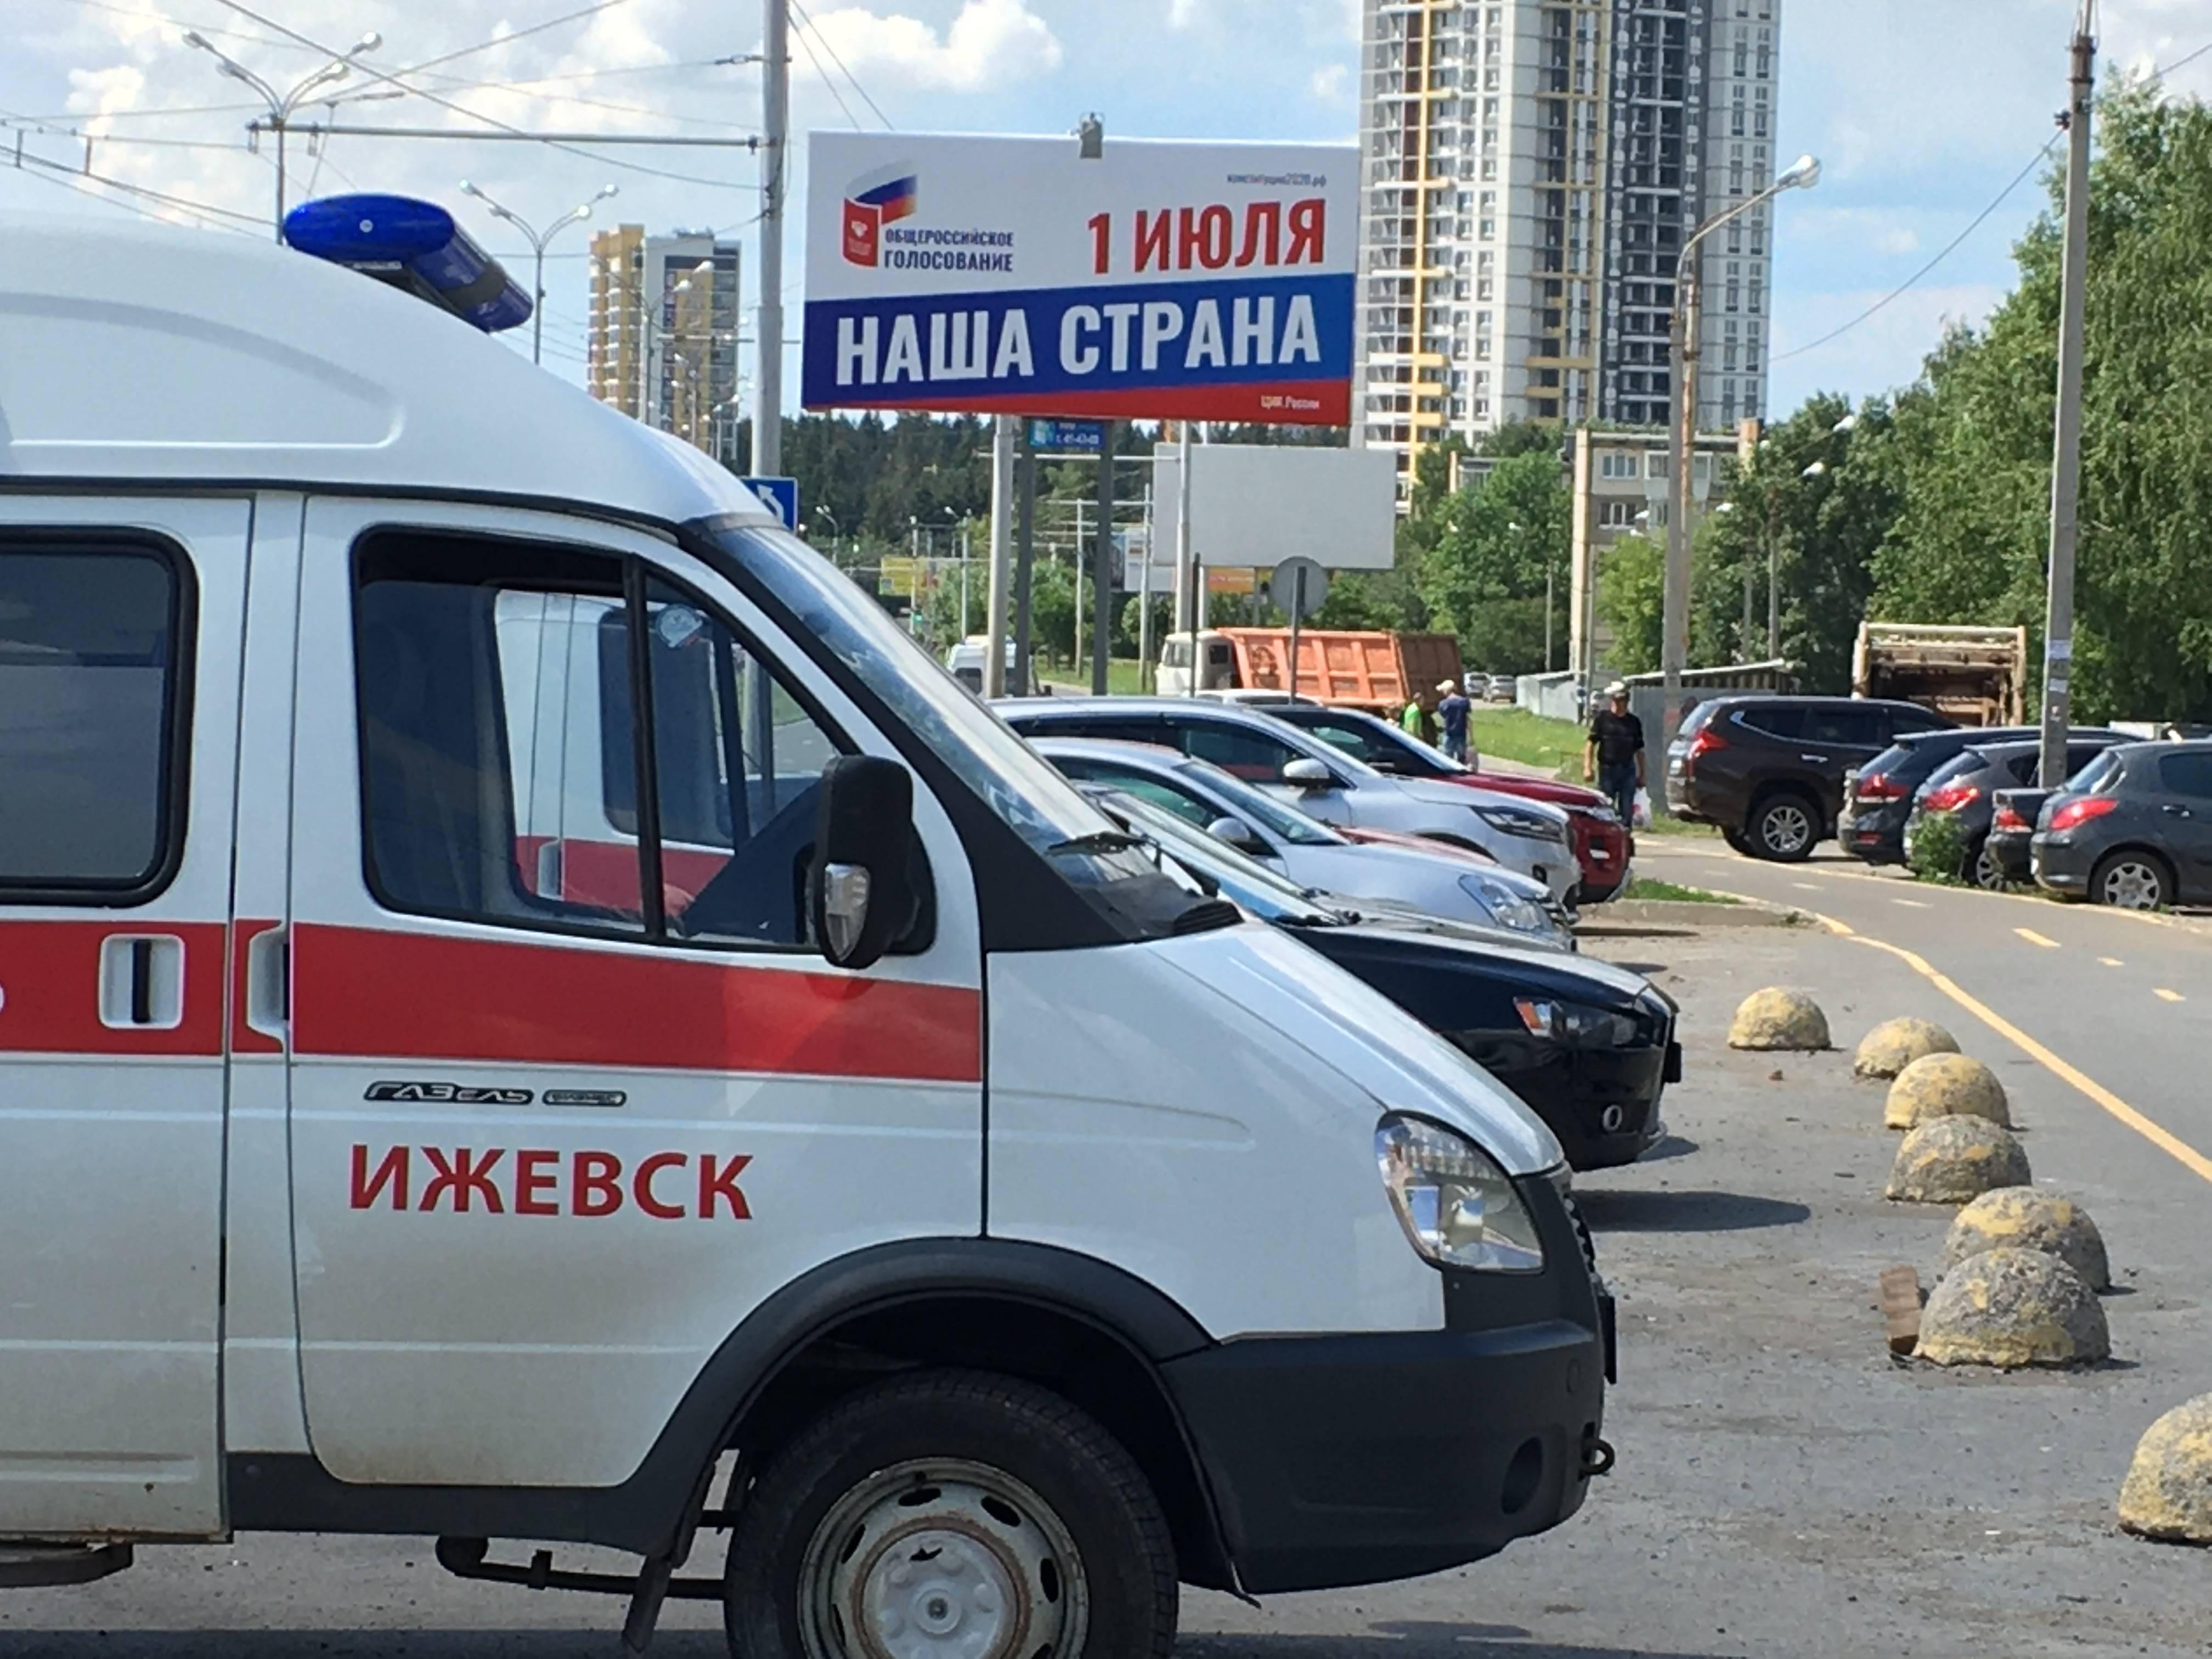 Фото: тг-канал «Это Щукин»